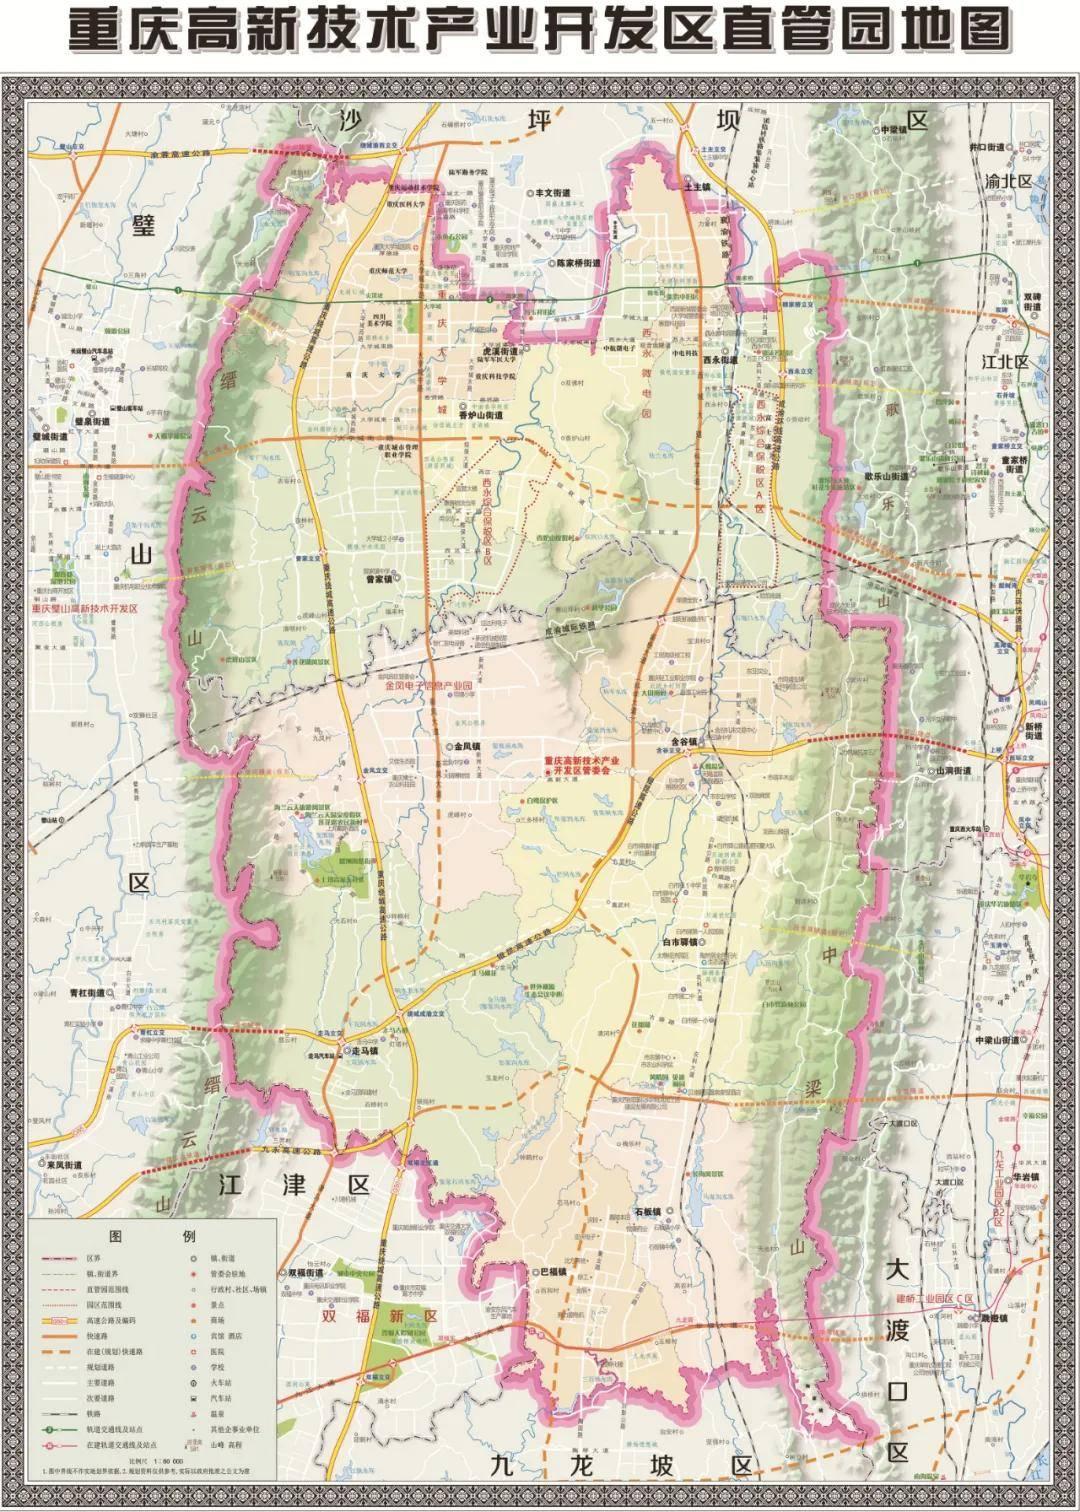 京东方做出的选择题:成都60亿元,重庆48亿元,业务区域图片